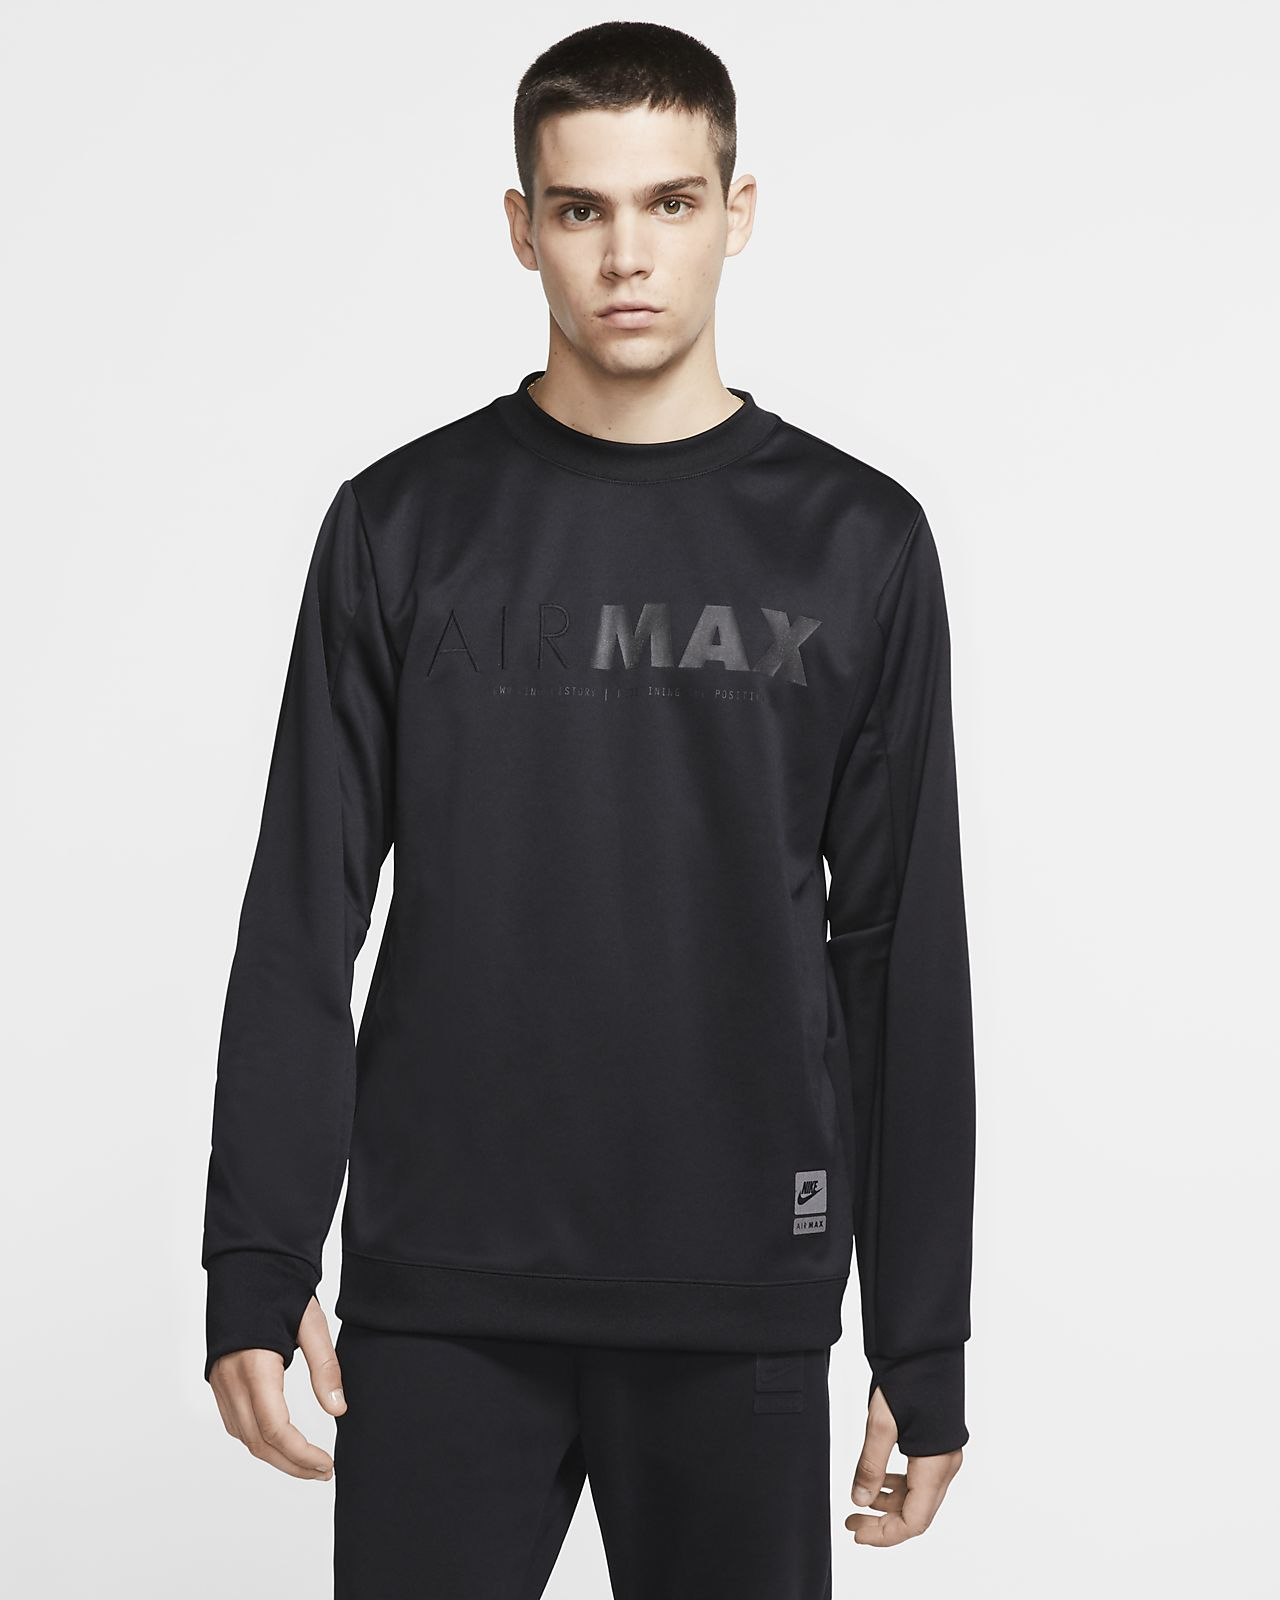 Tröja med rundad hals Nike Sportswear Air Max för män